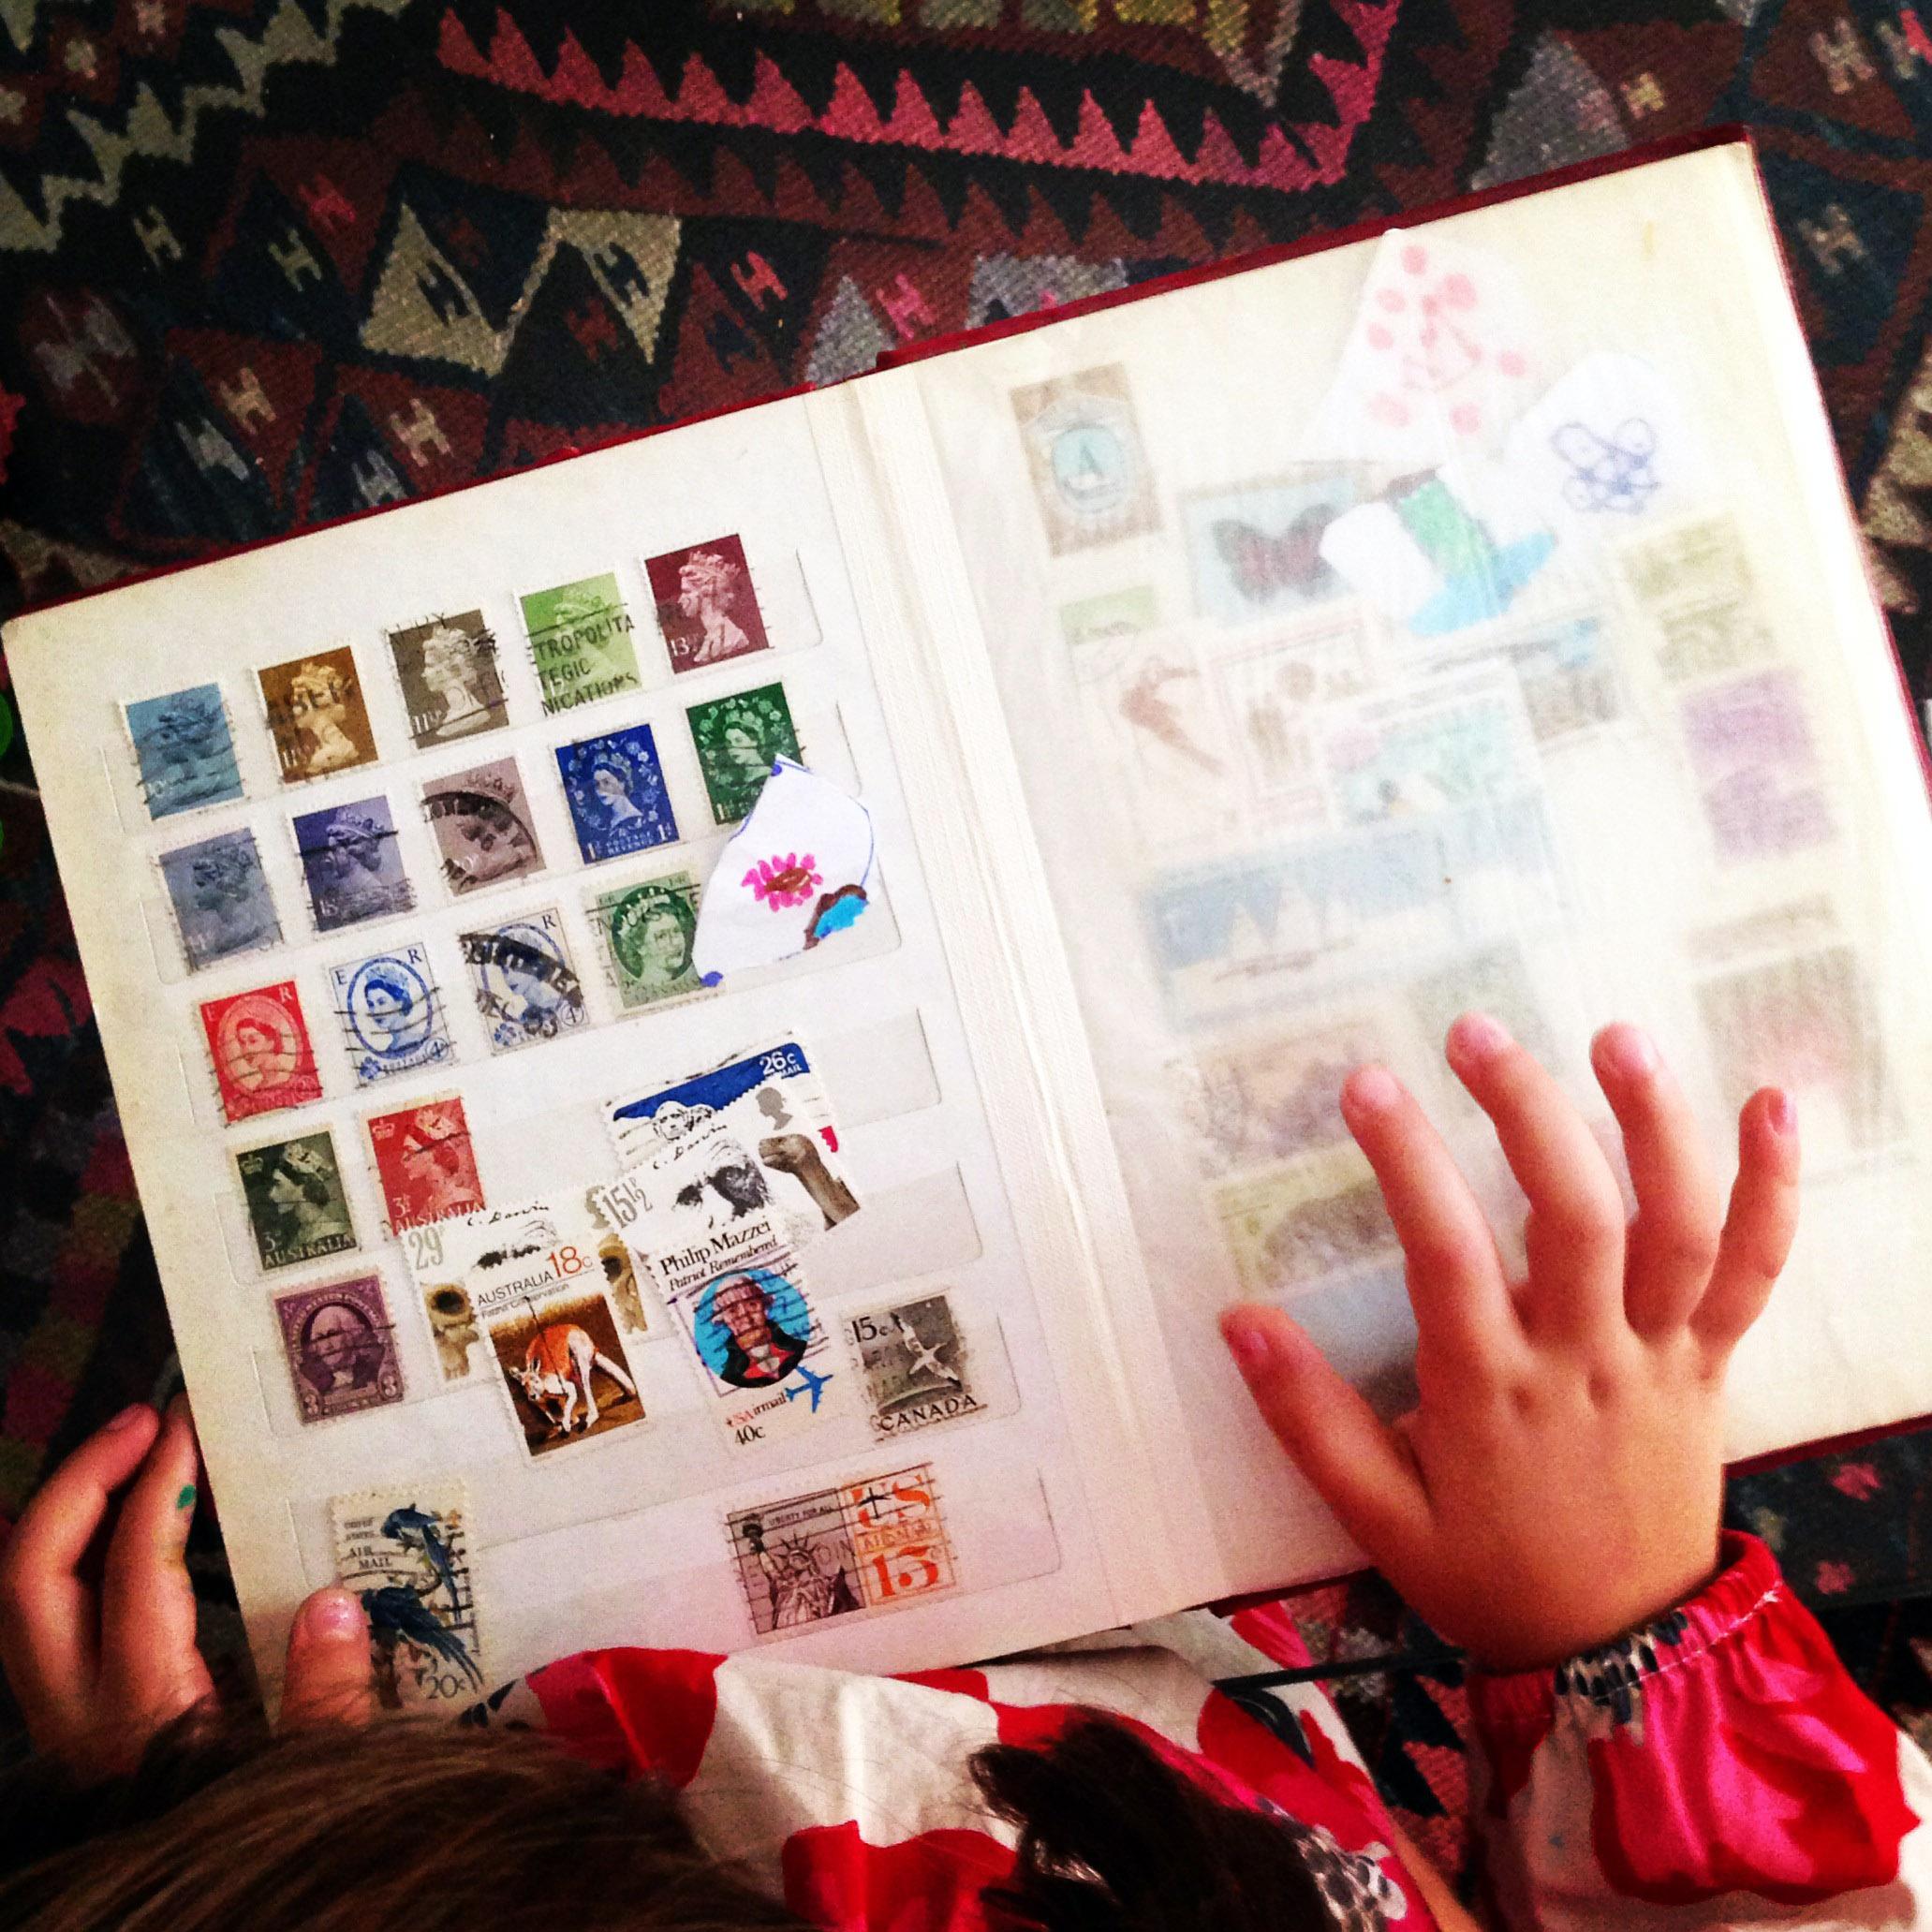 I bambini e l'arte di collezionare